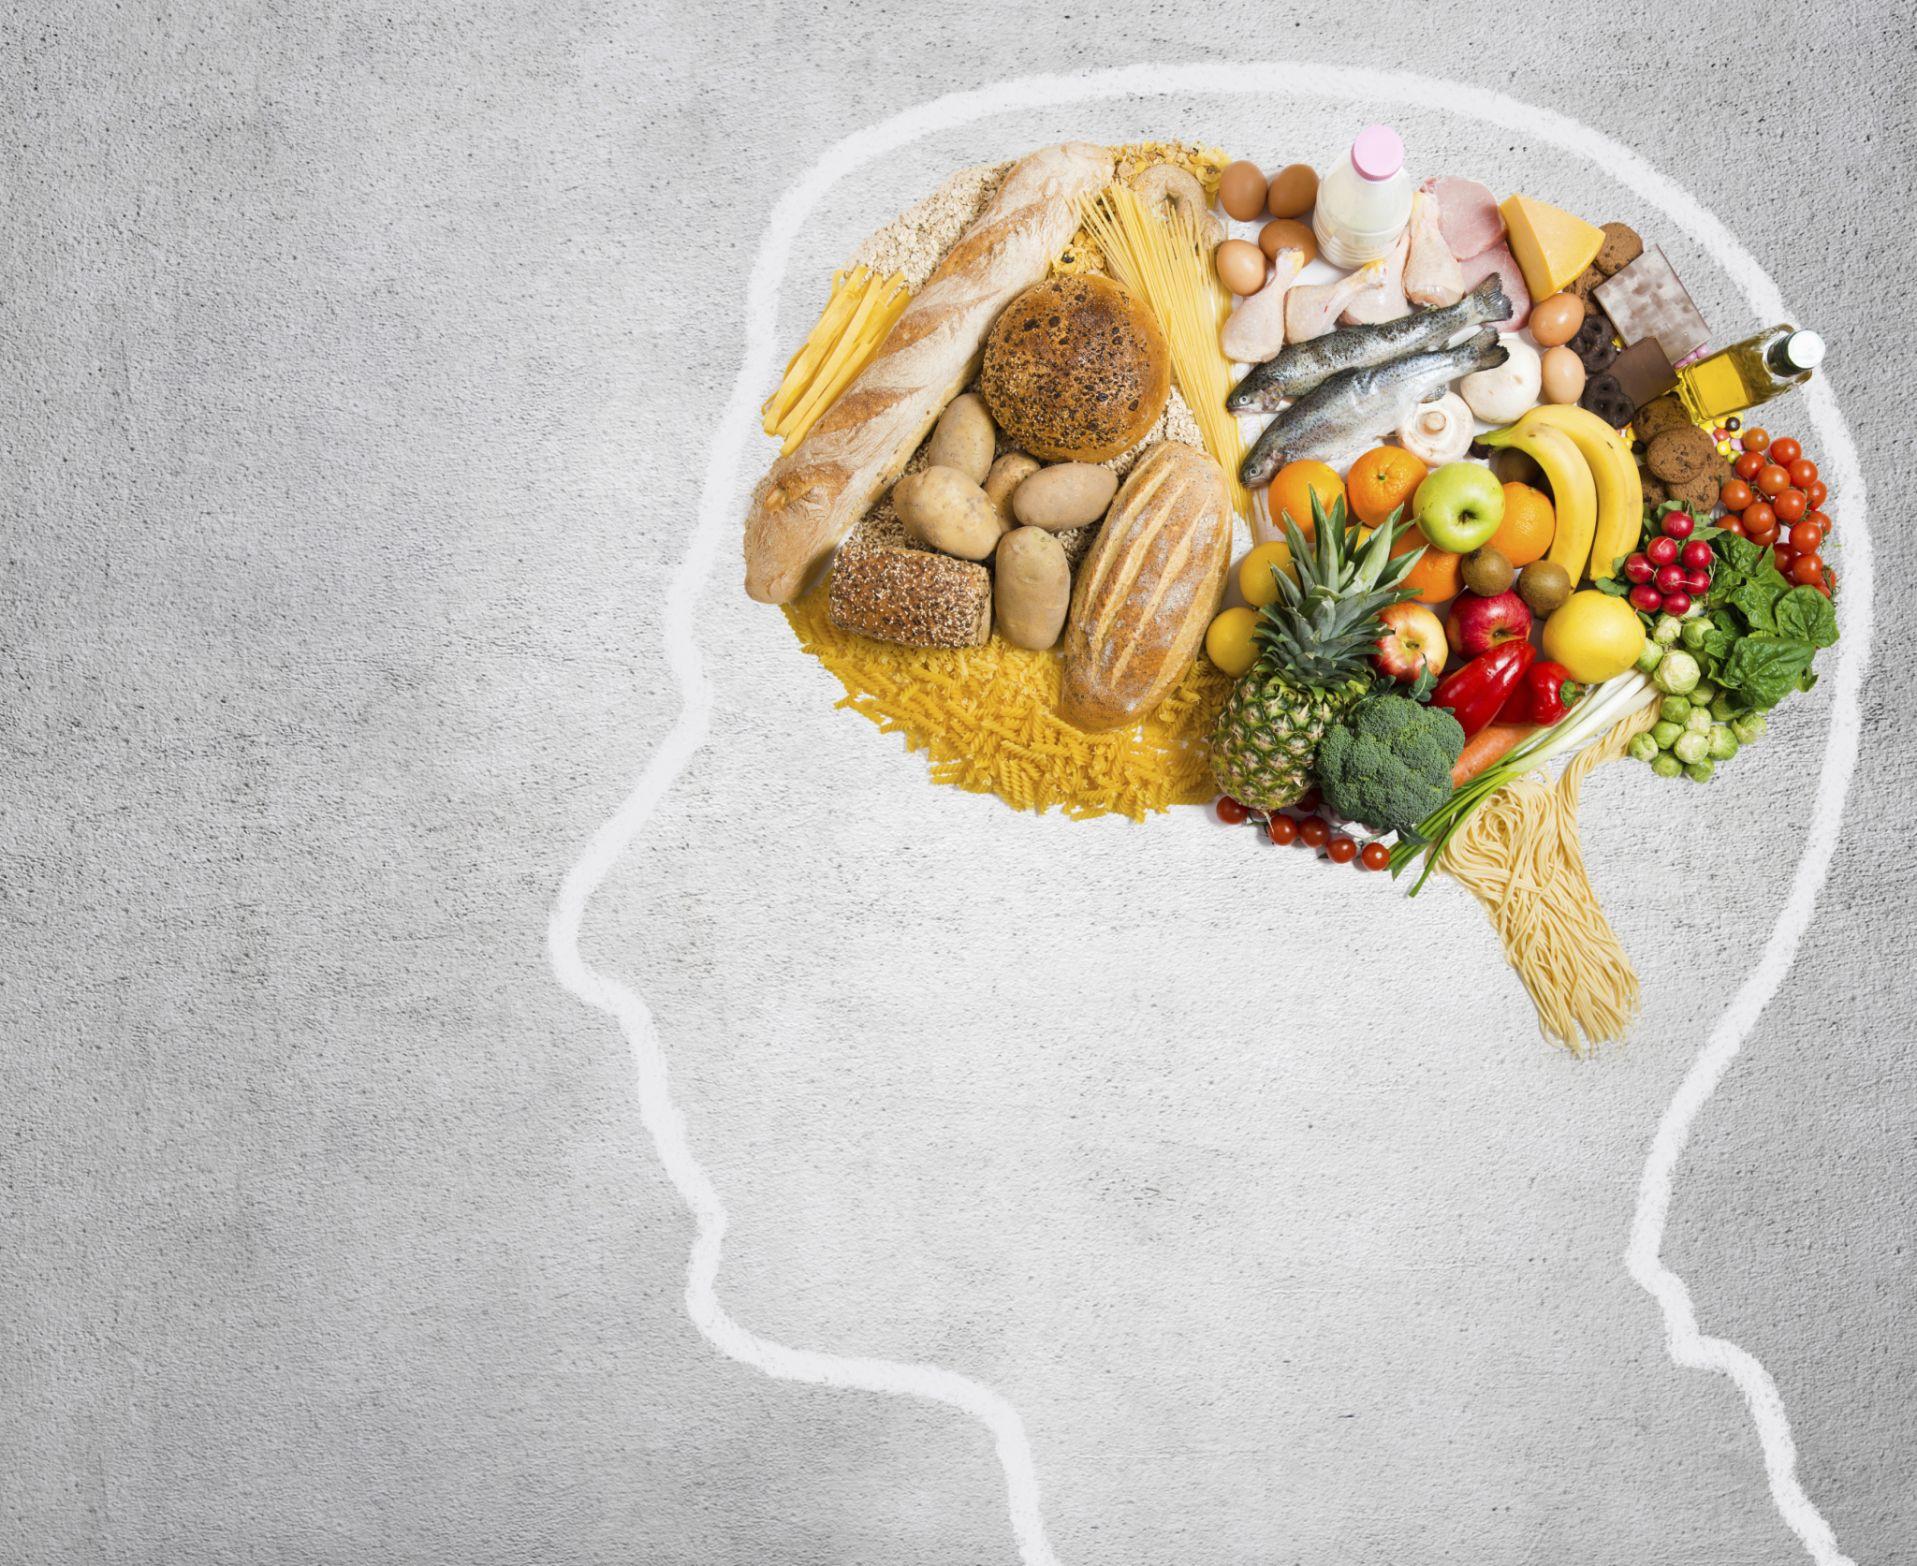 Commentaires sur la perte de poids addrena